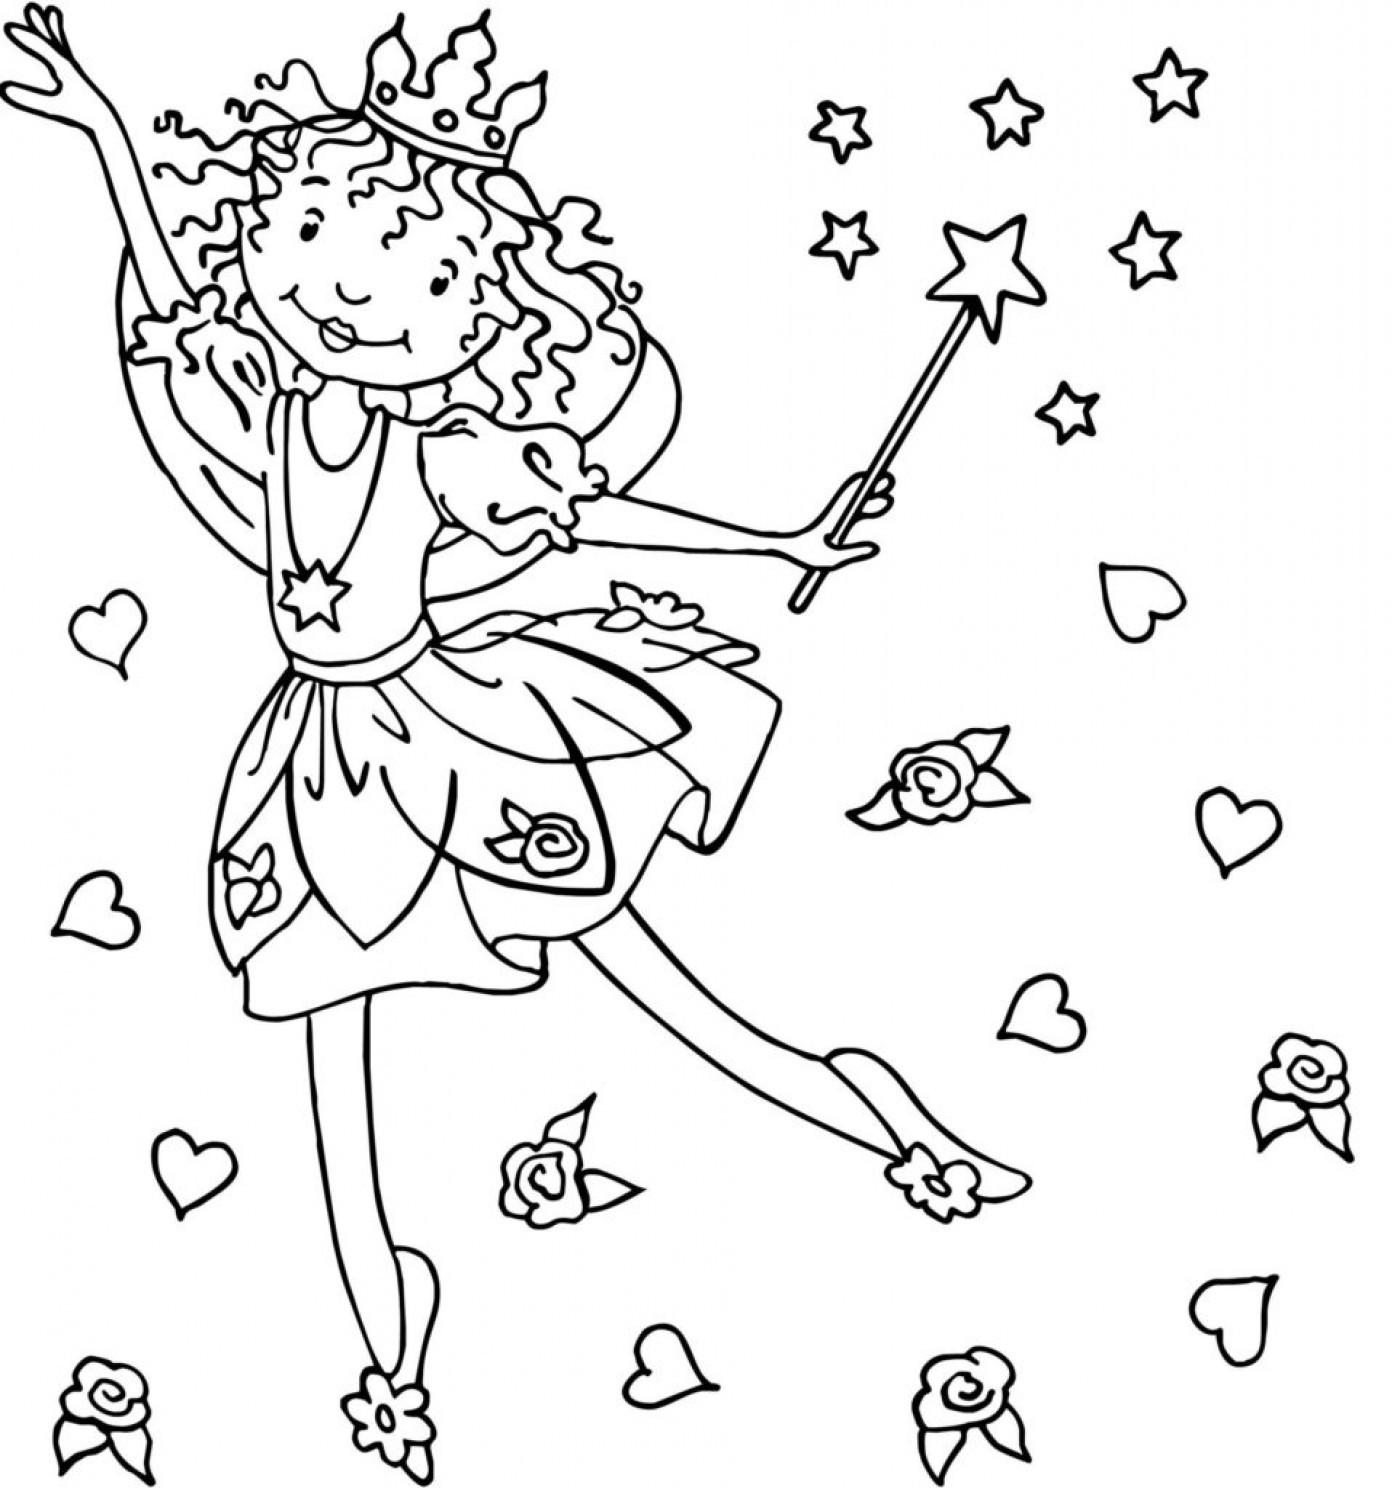 Ausmalbilder Weihnachten Für Kinder Neu Valentinsseiten Zum Ausmalen X Malvorlagen Für Kinder Bild